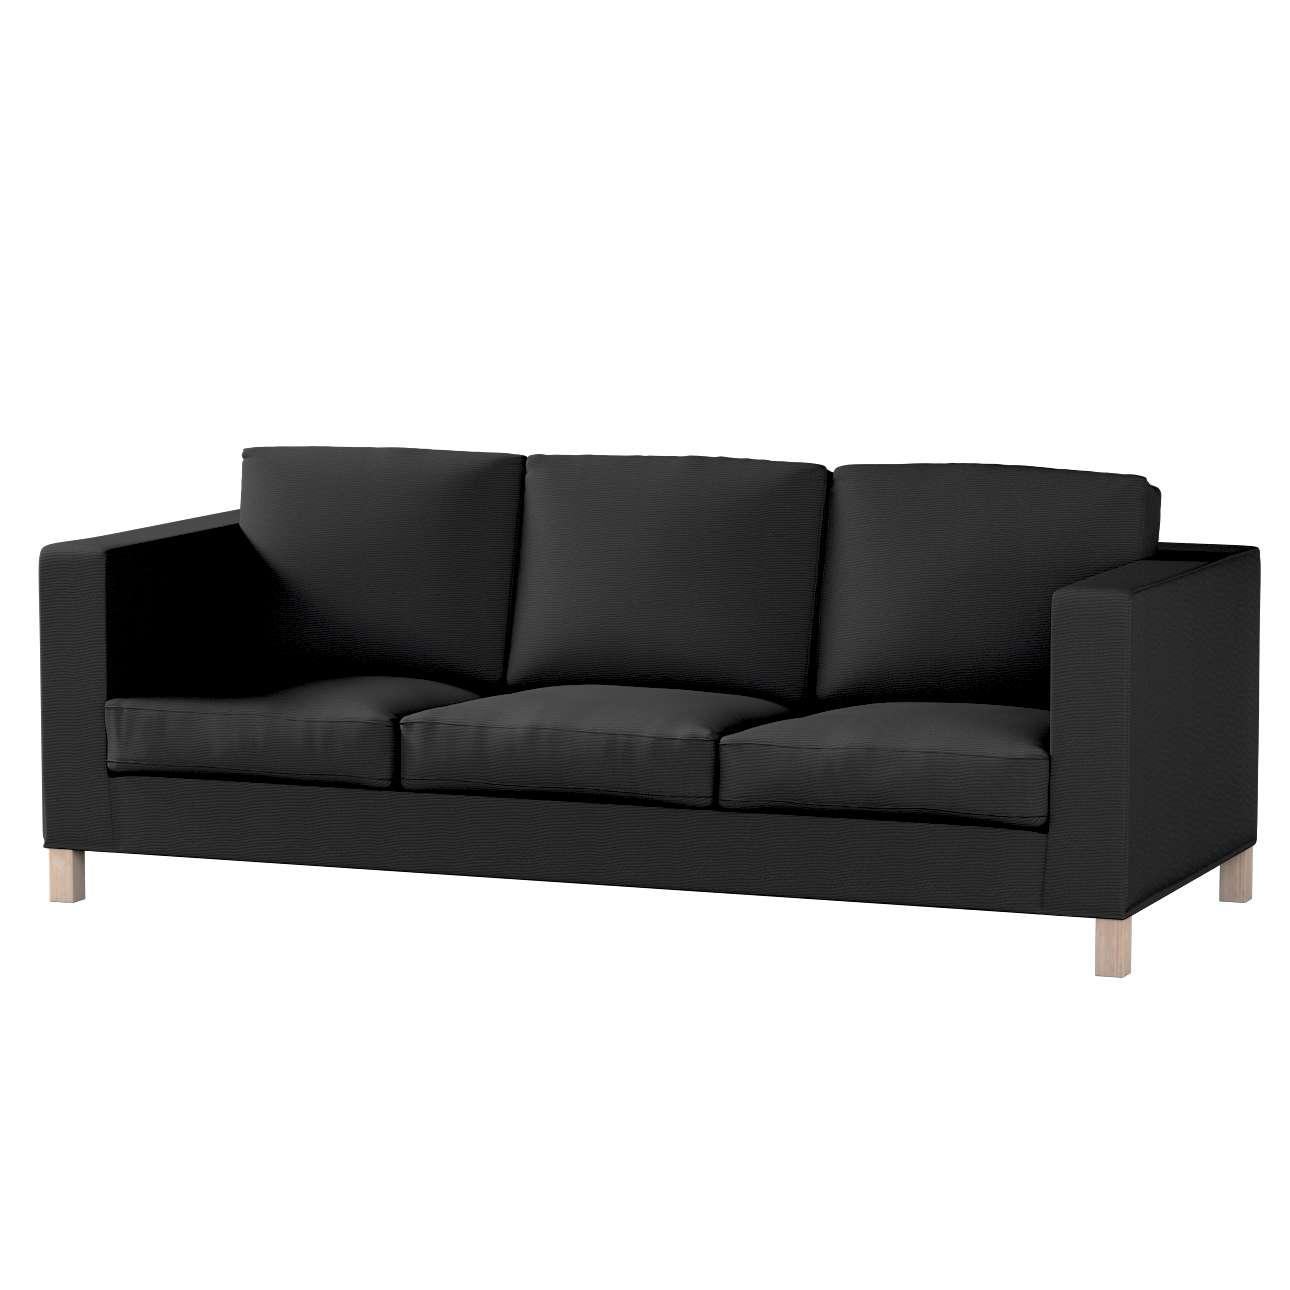 KARLANDA trivietės sofos užvalkalas KARLANDA trivietės sofos užvalkalas kolekcijoje Etna , audinys: 705-00